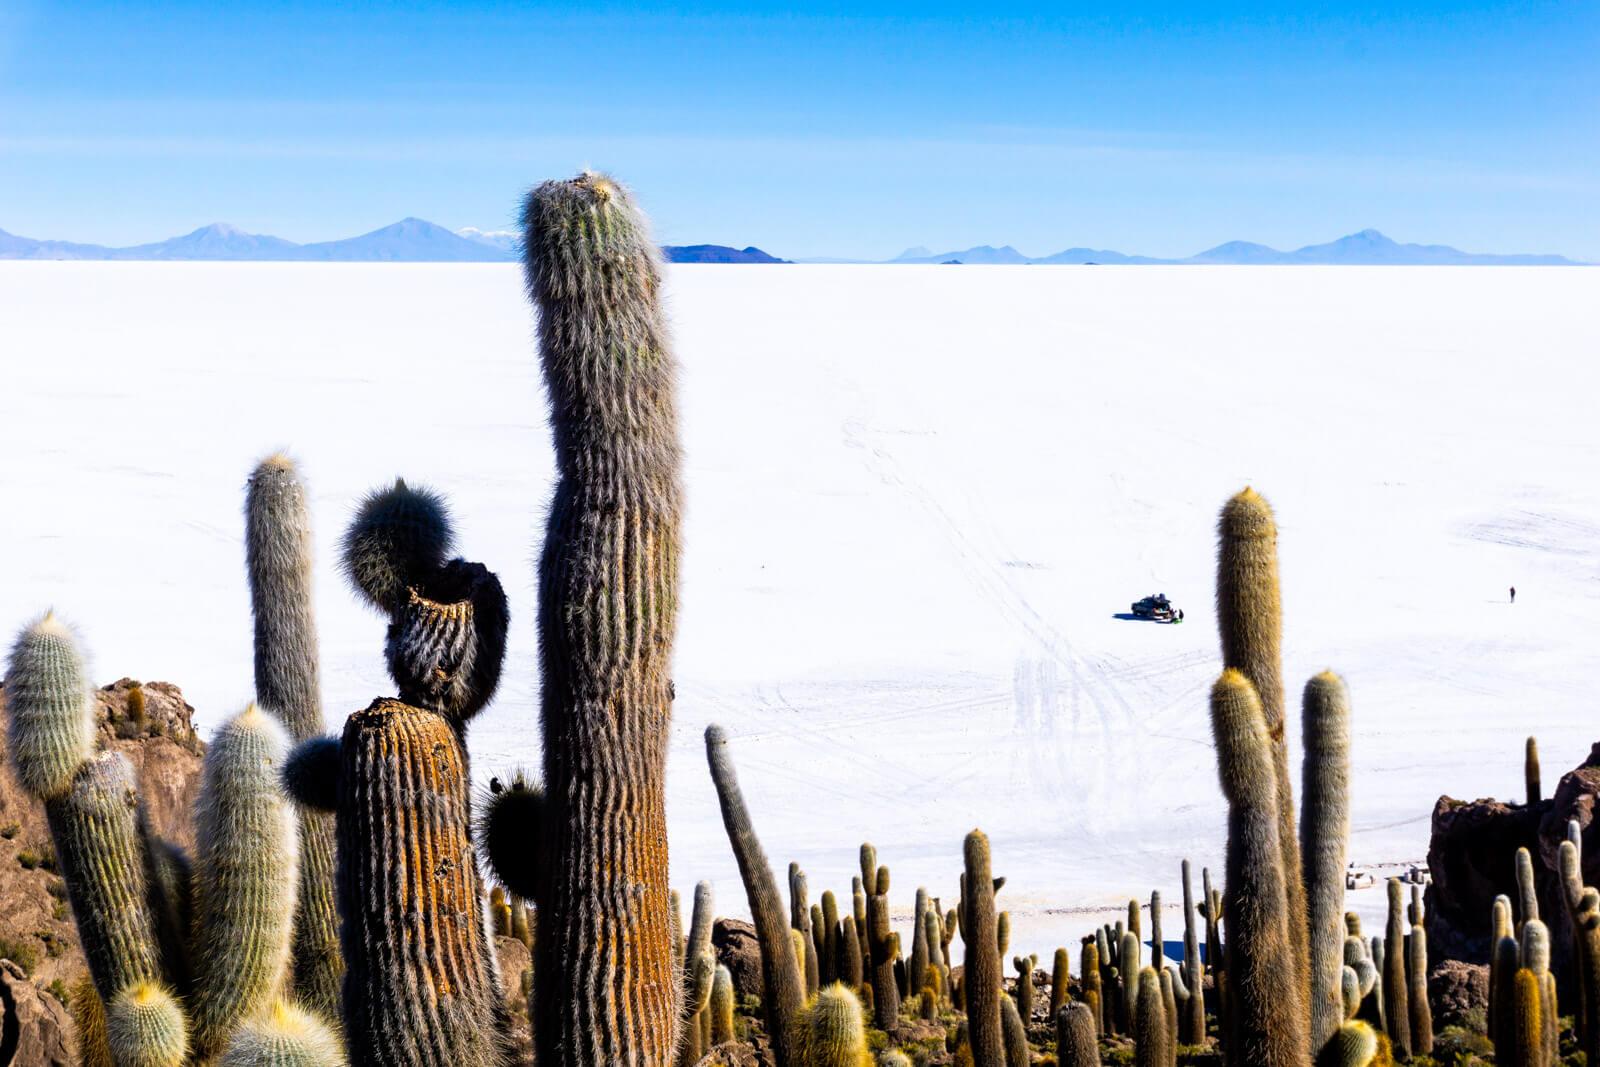 Cactus, cactus and more cactus at the Salar de Uyuni